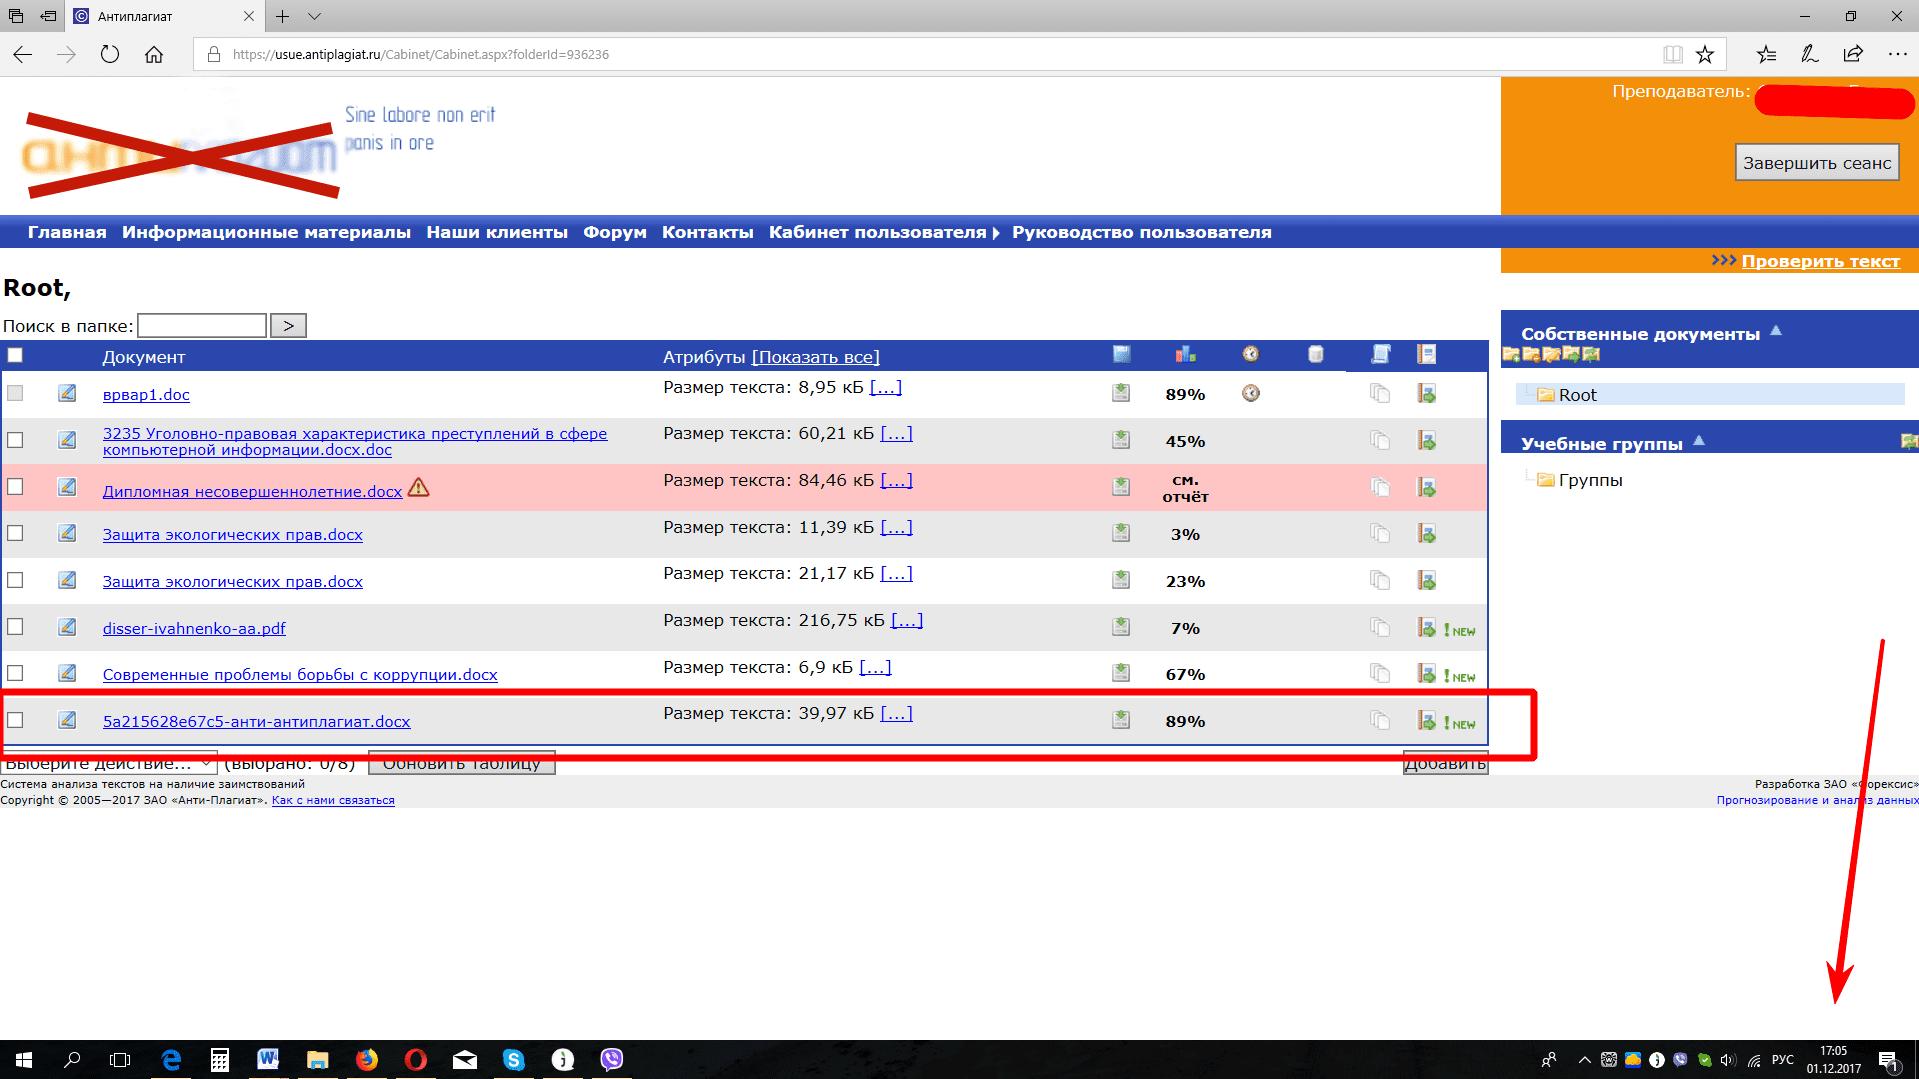 Антиплагиат ВУЗ онлайн проверка текста на плагиат платно антиплагиат вуз онлайн